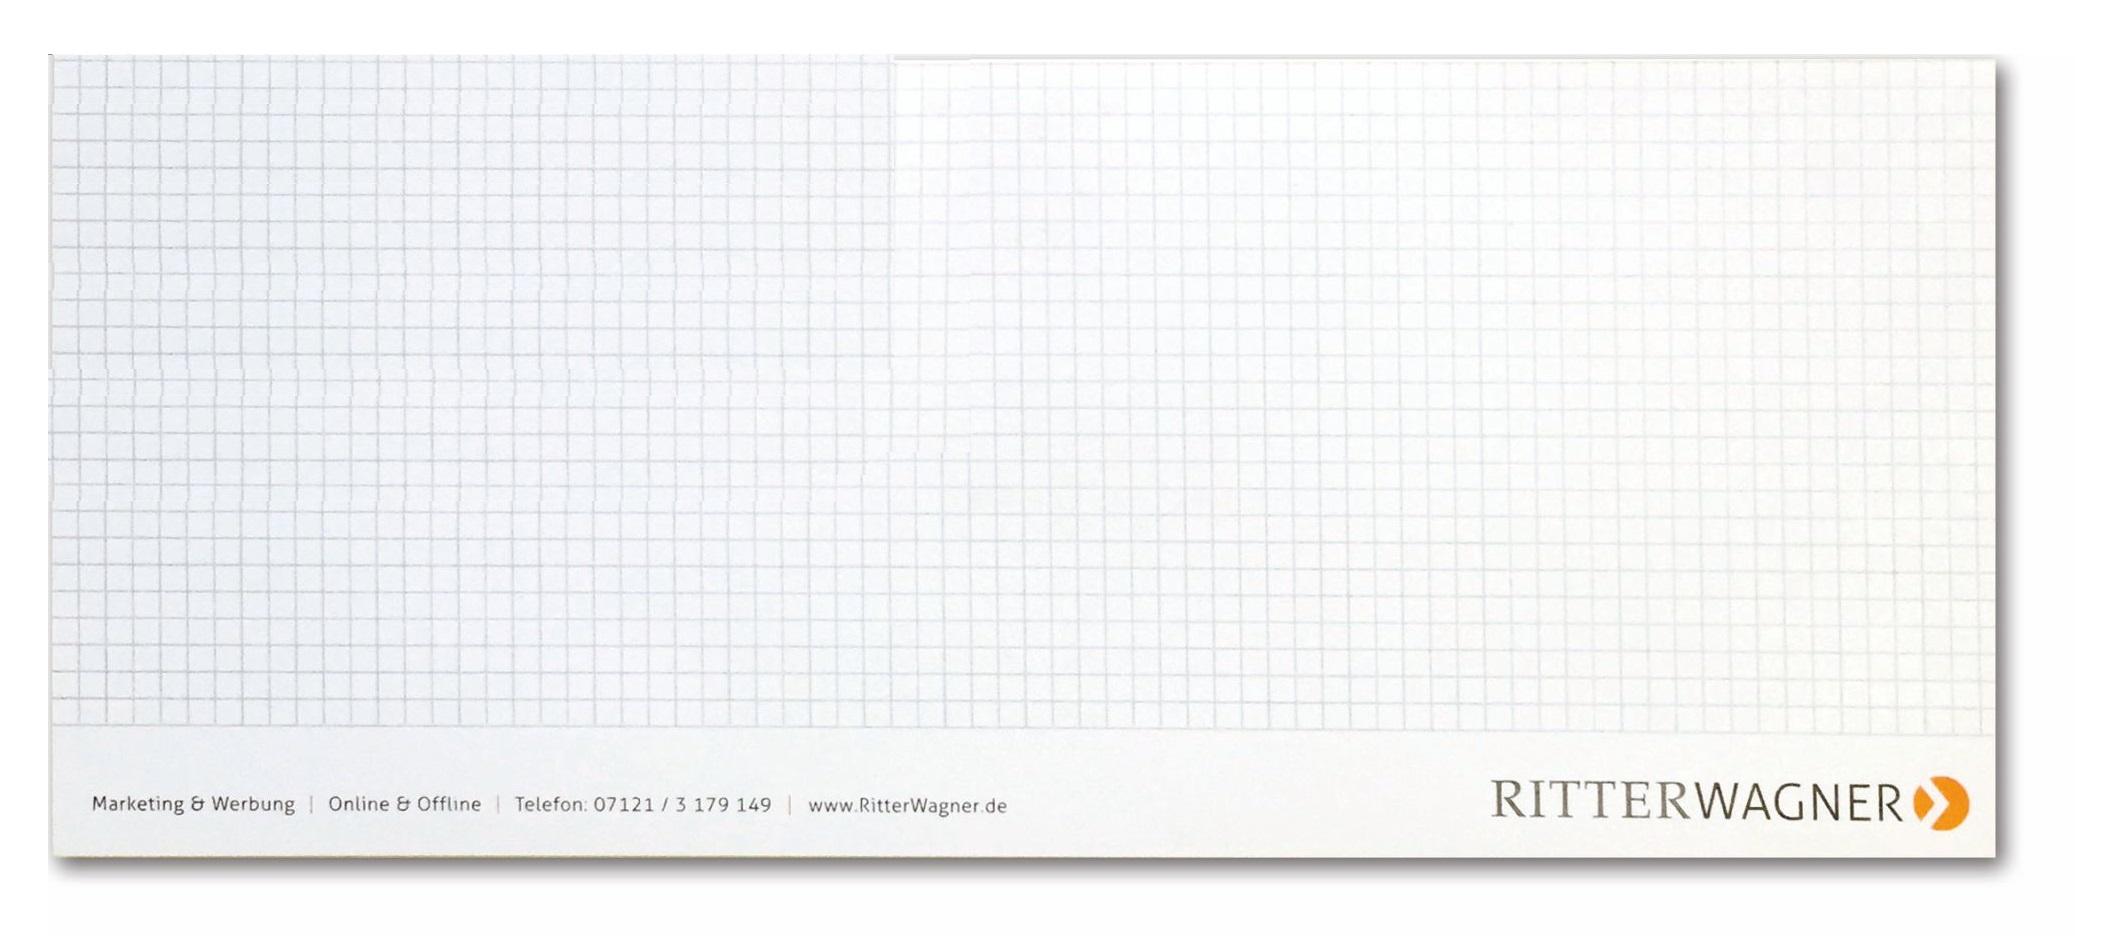 Notizblock 13,5 x 30 cm, 35 Blatt inklusive einfarbigem Druck